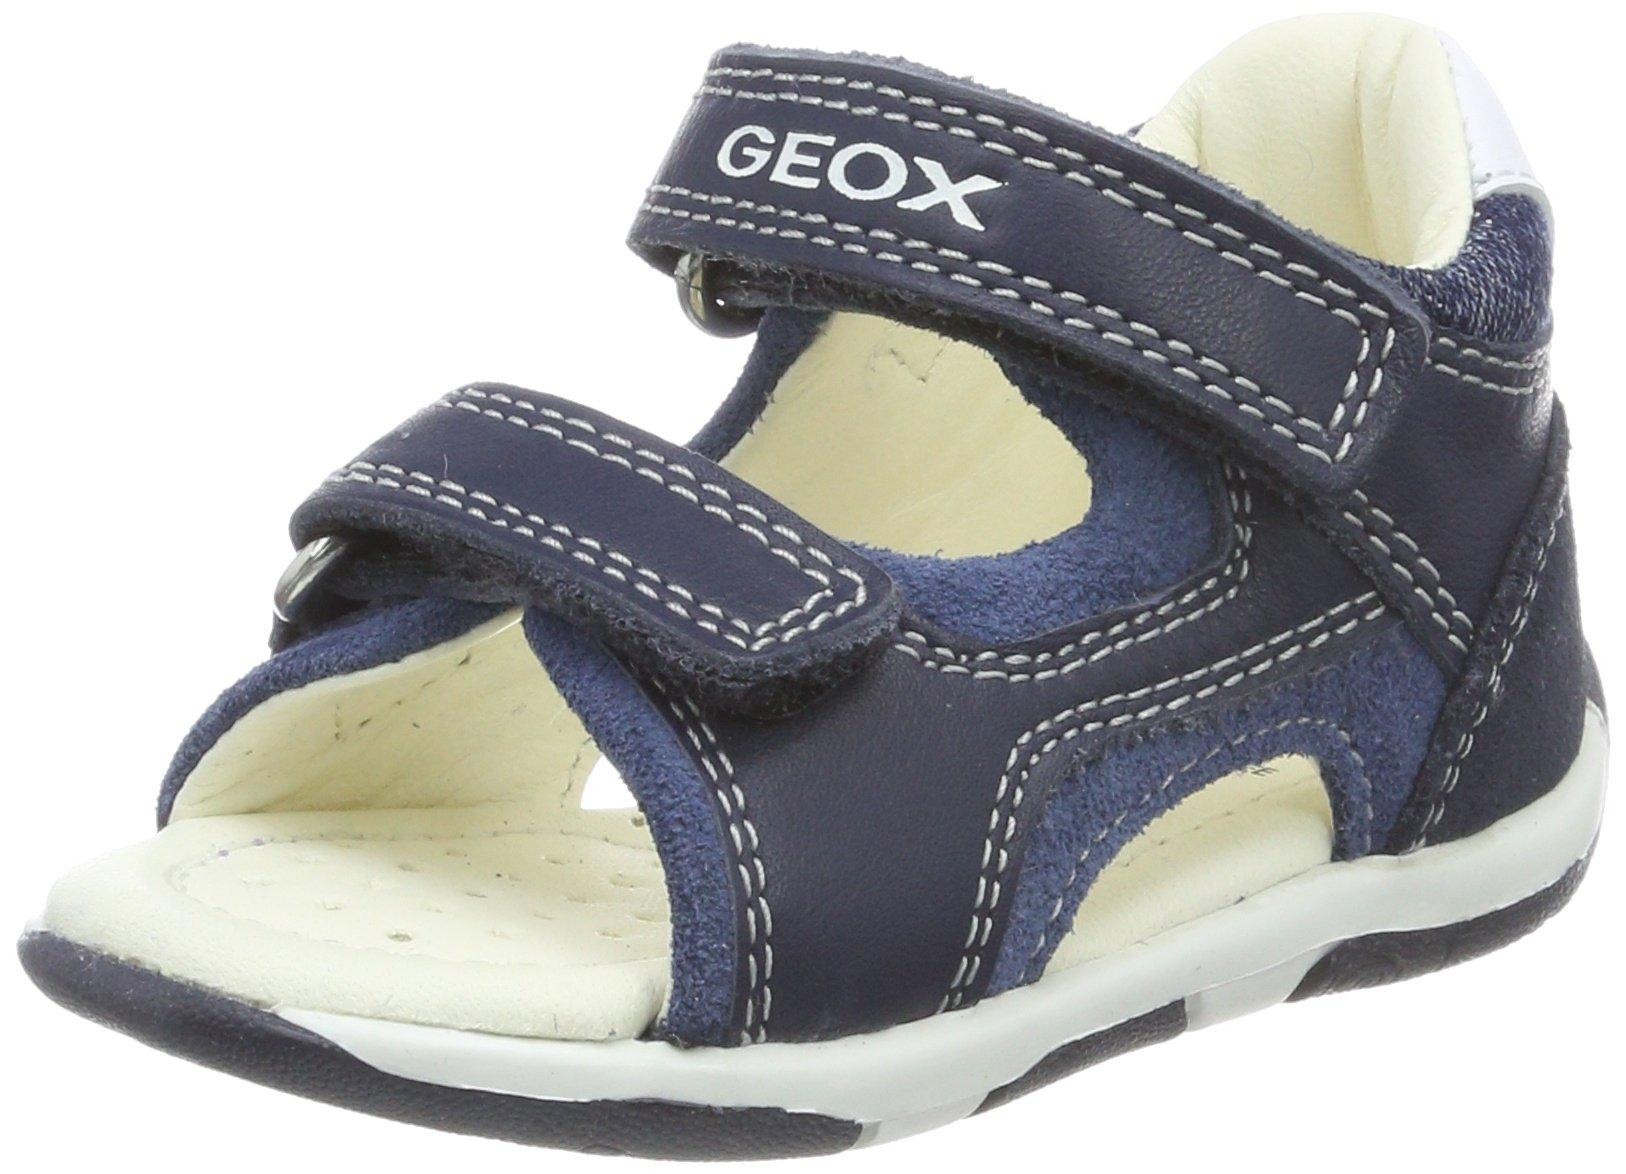 Geox Boys' TAPUZ 7 Sandal, Navy/avio, 19 M EU Toddler (4 US) by Geox